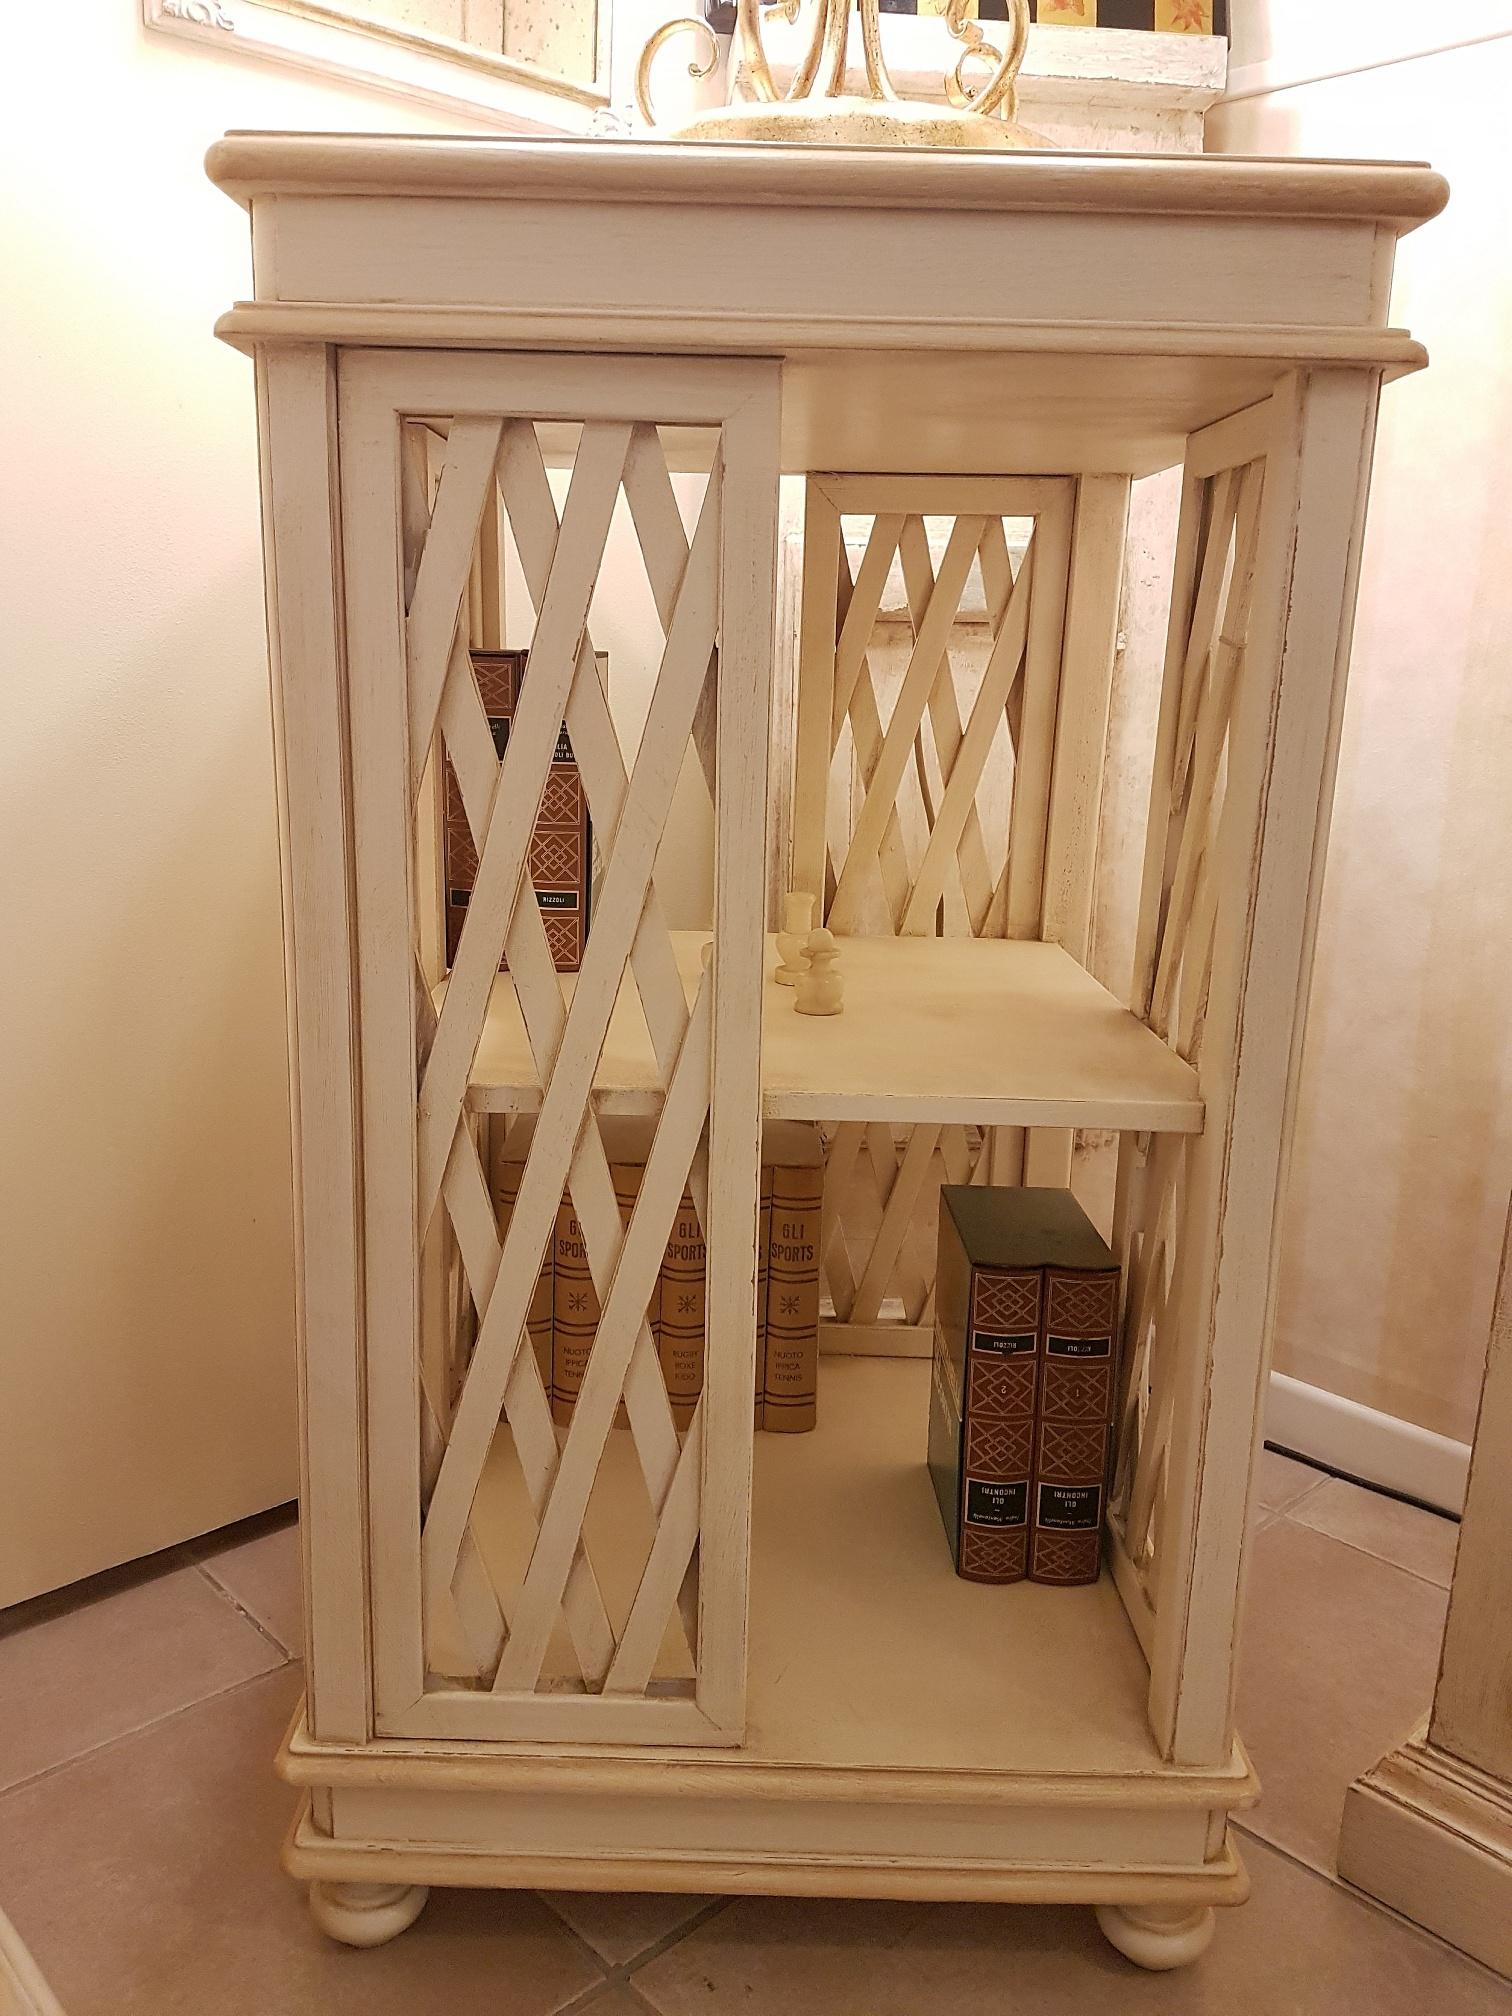 Finest libreria stile inglese girevole in legno di ciliegio laccata a mano with arredamenti - Mobili stile inglese bianco ...